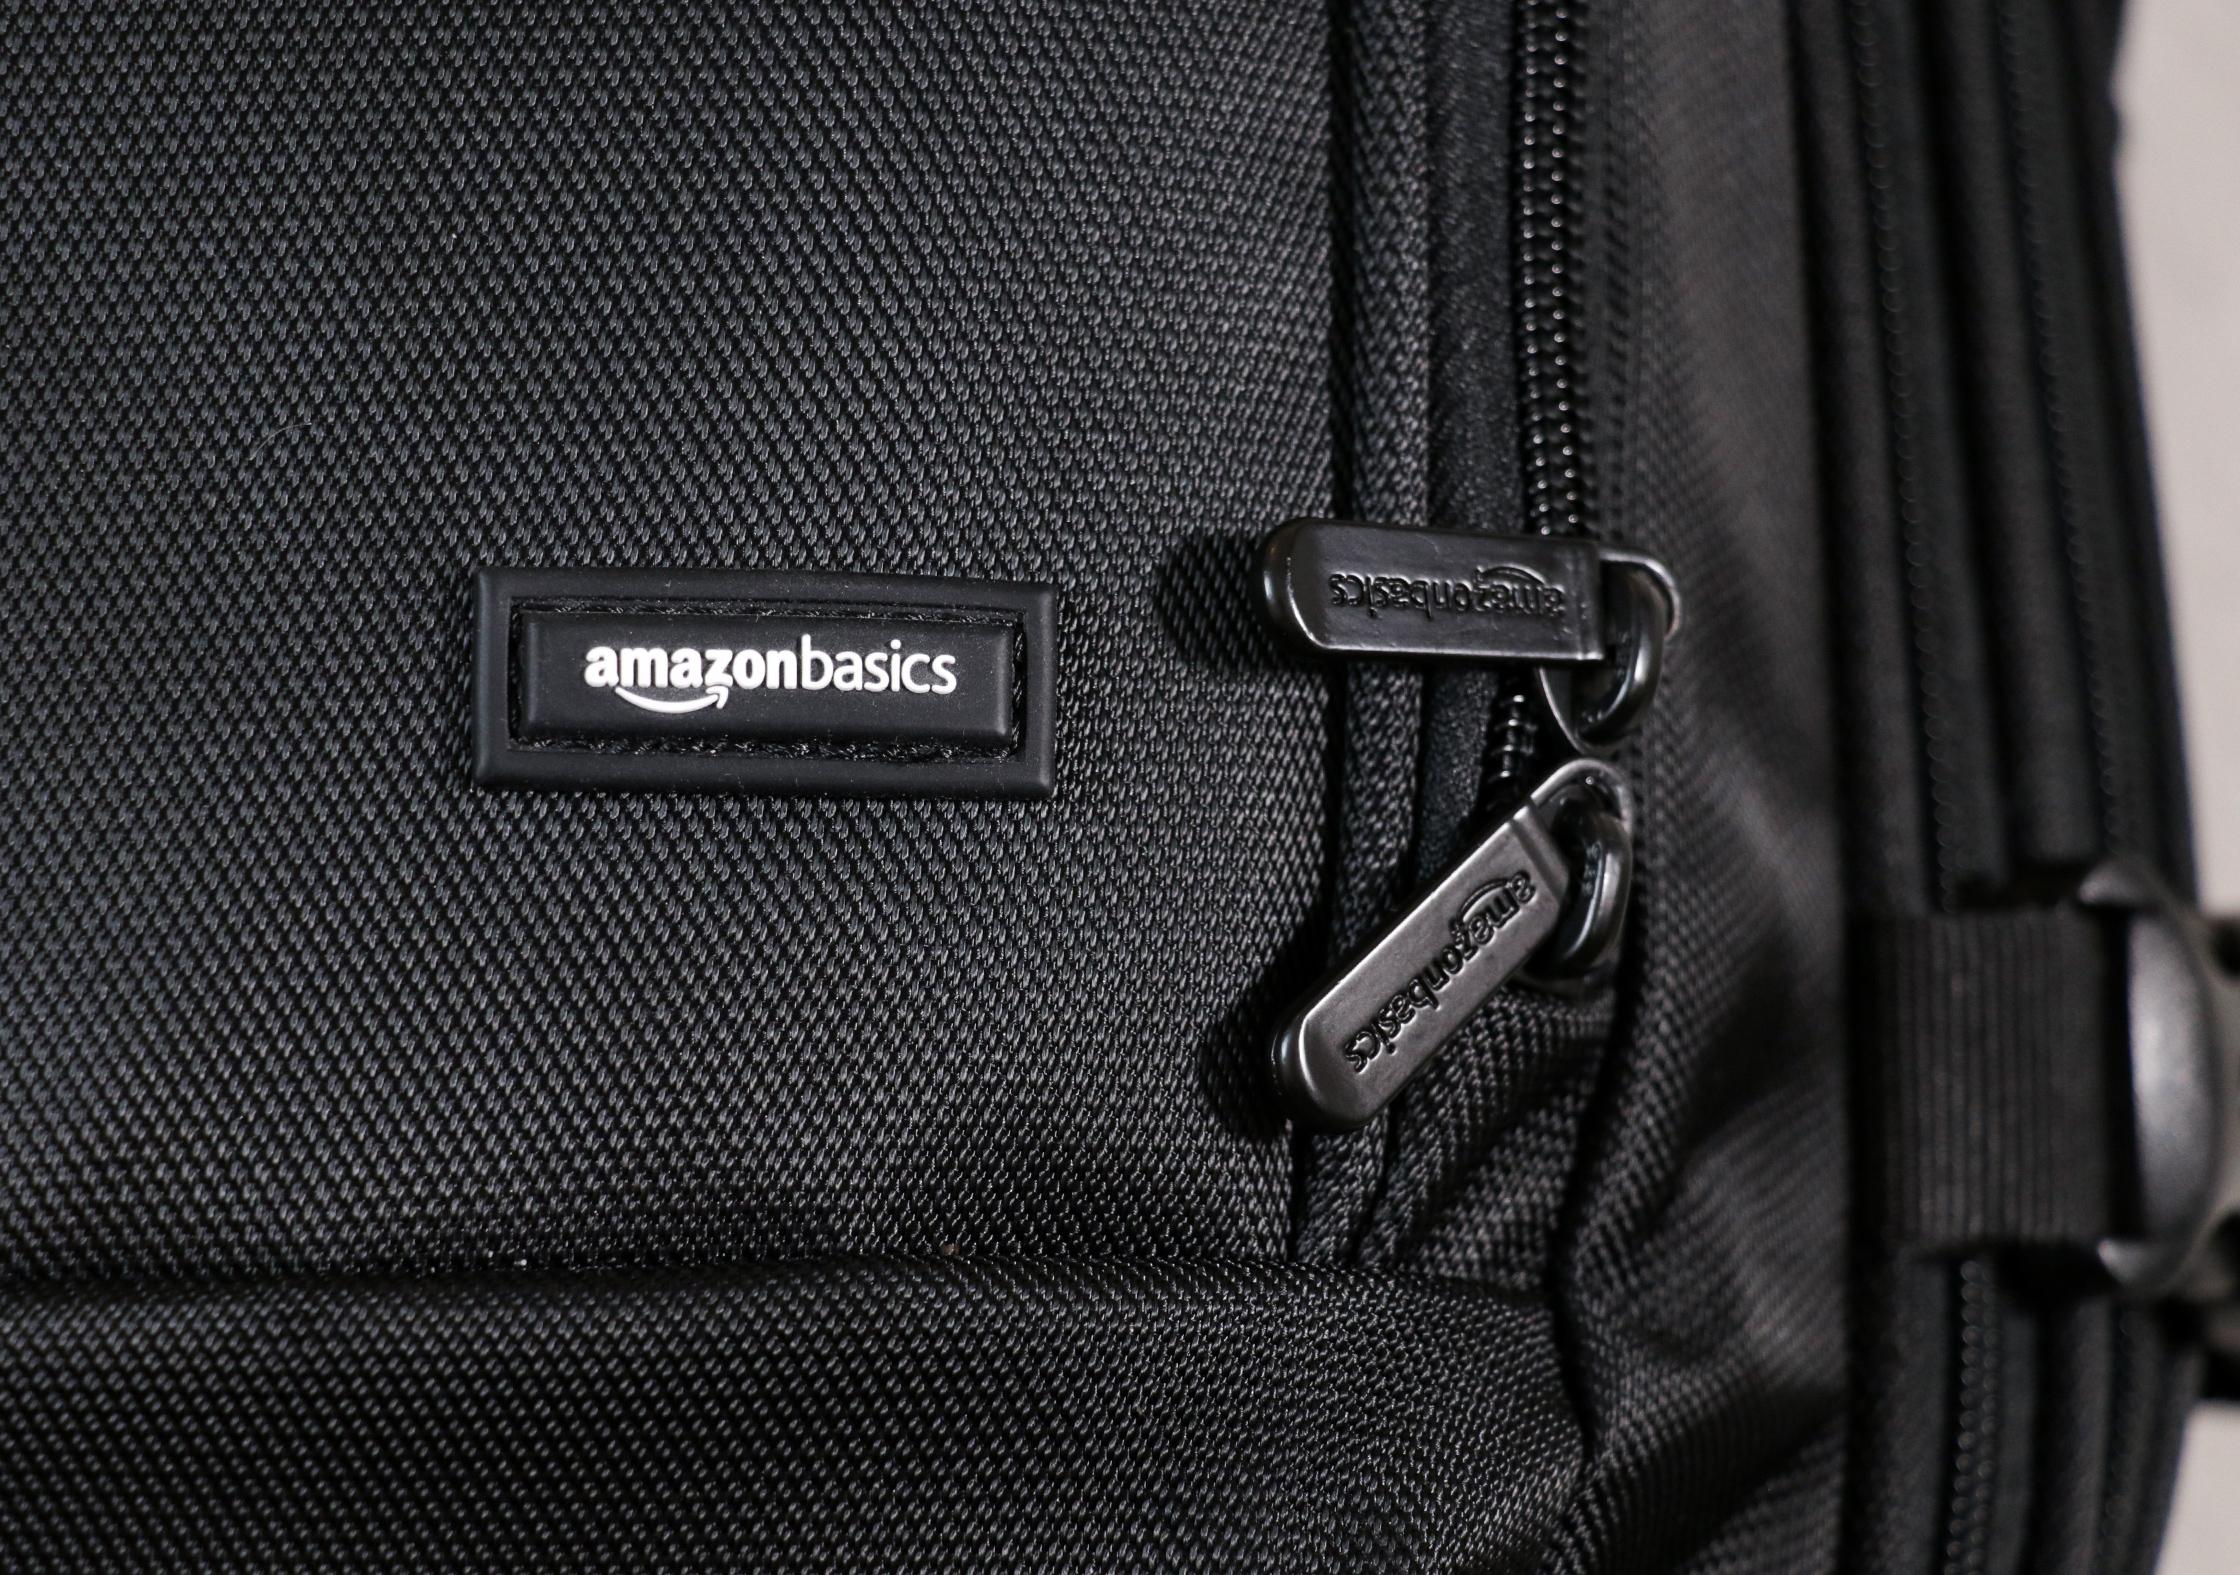 AmazonBasics Carry-On Travel Backpack Branding